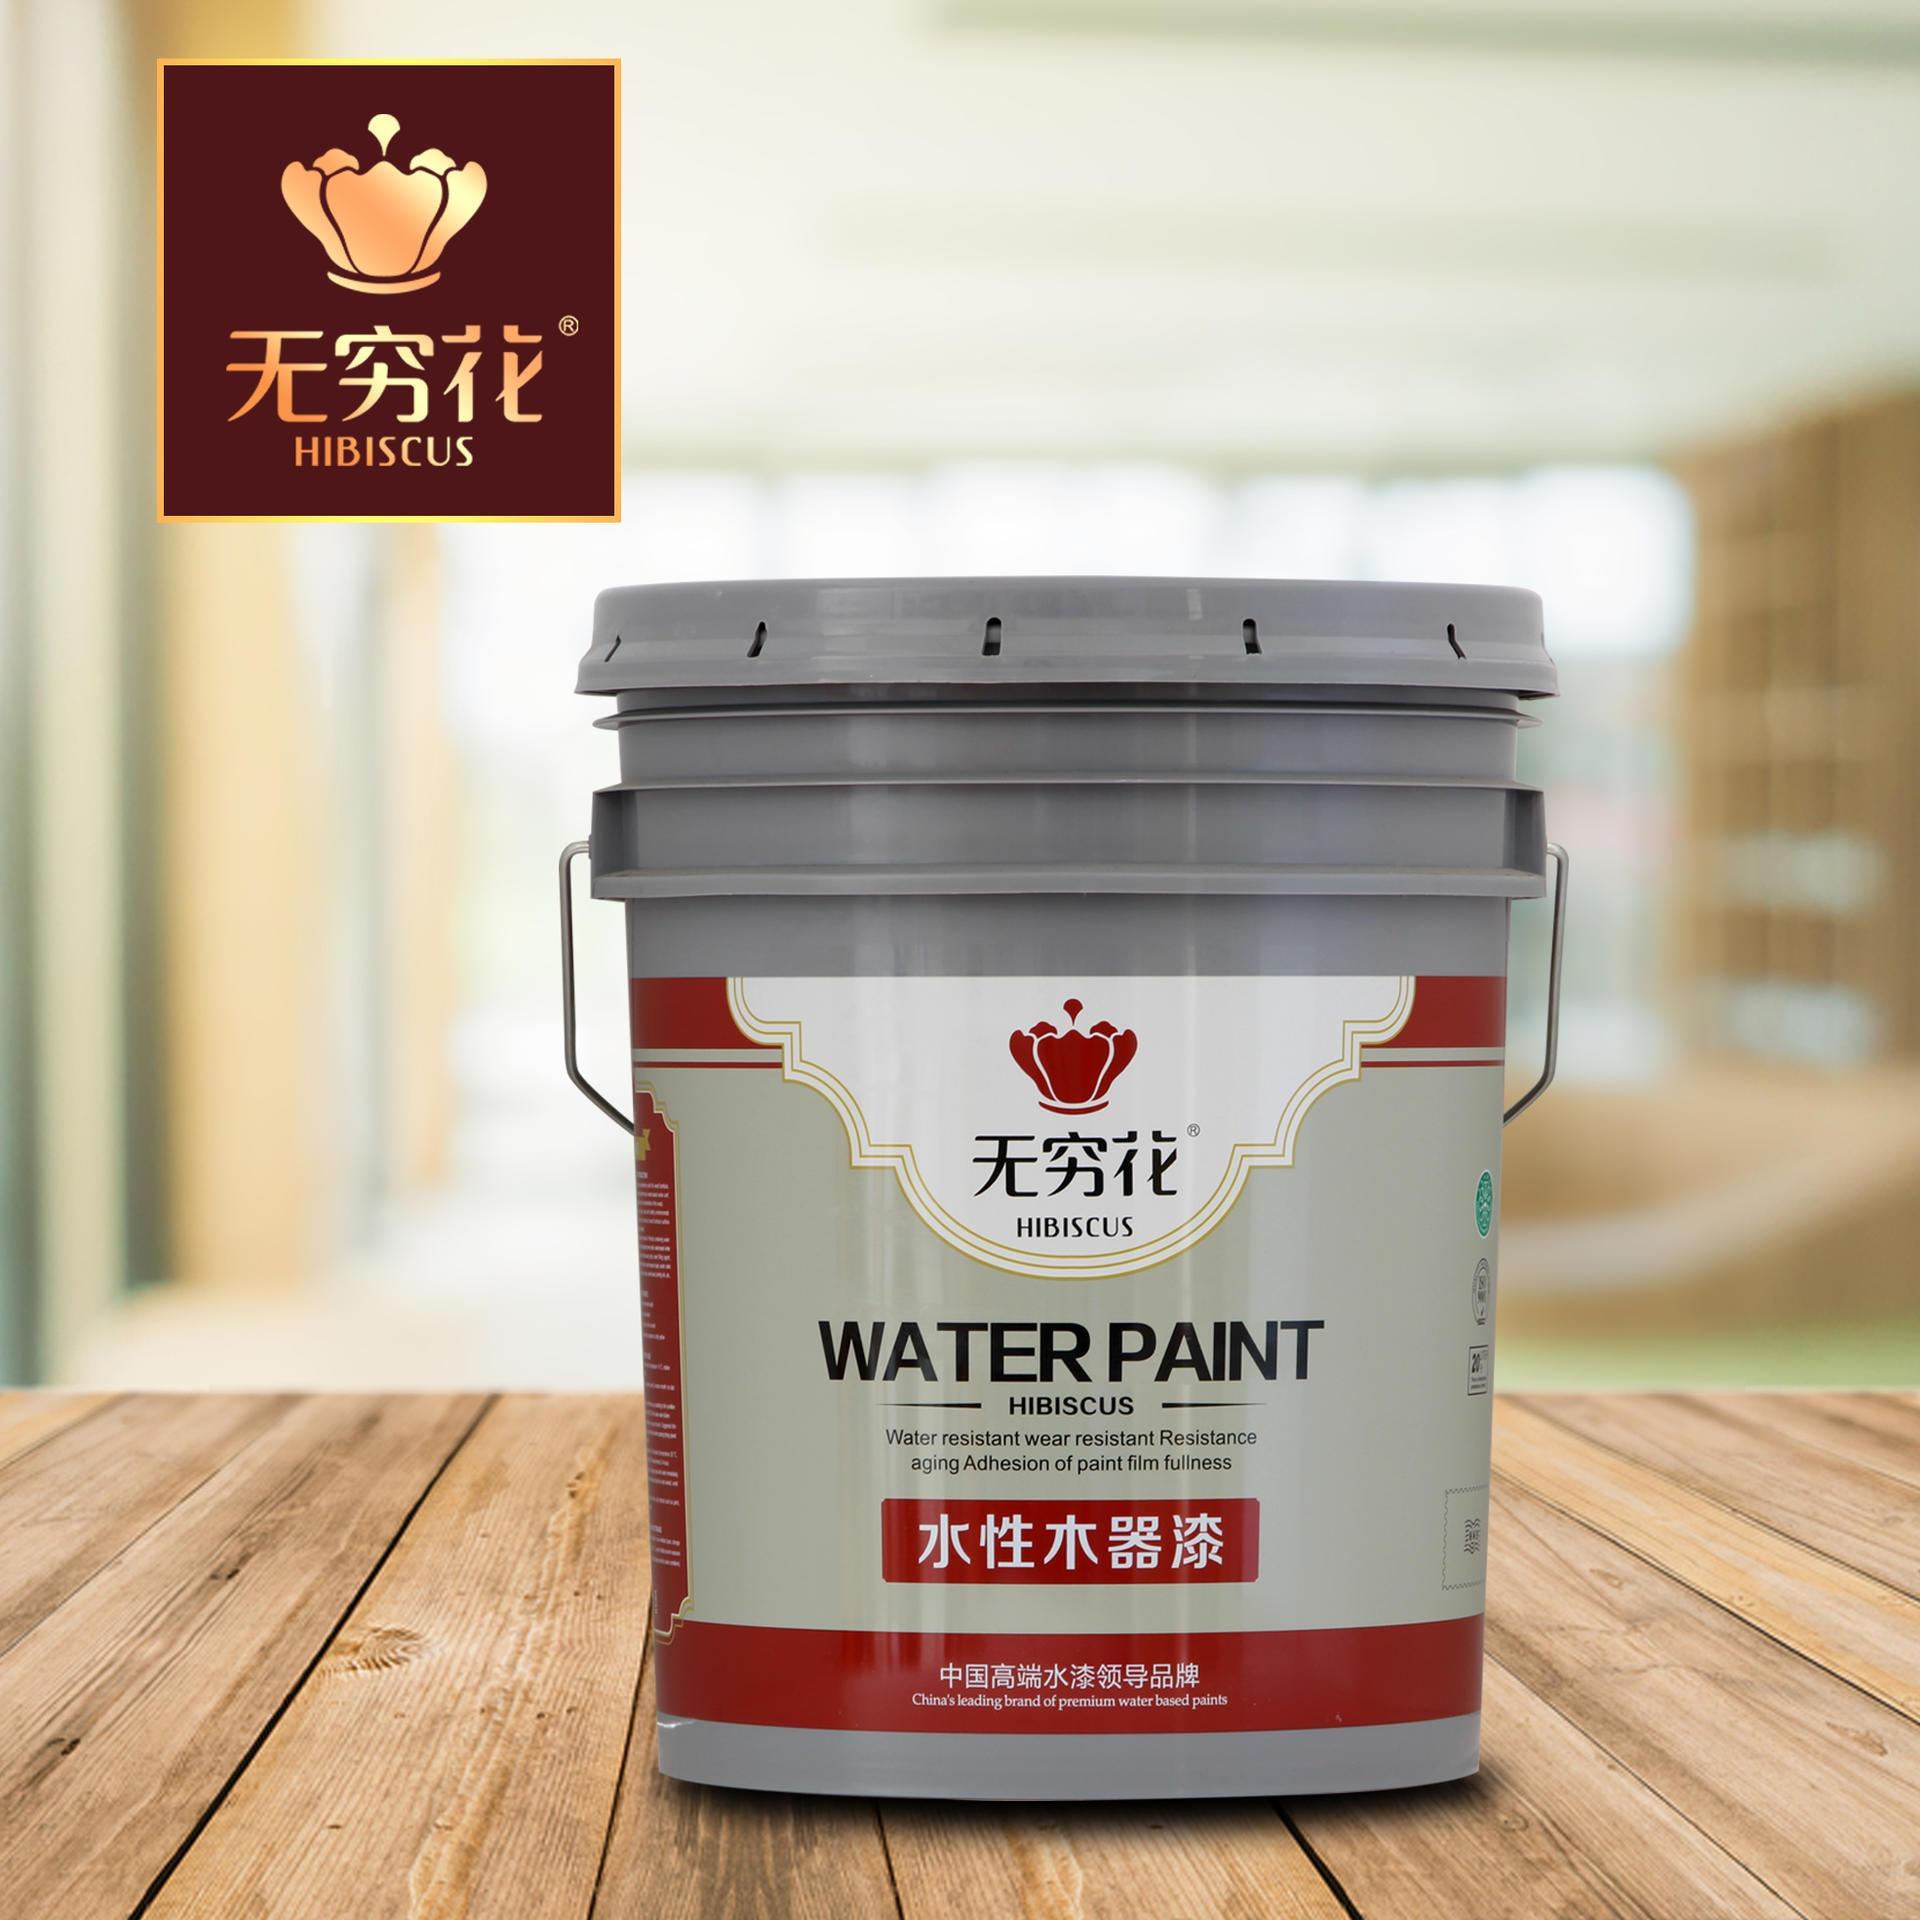 水漆木器漆加盟 无穷花品牌,木器水漆 家具水漆 水漆厂家 环保木器漆